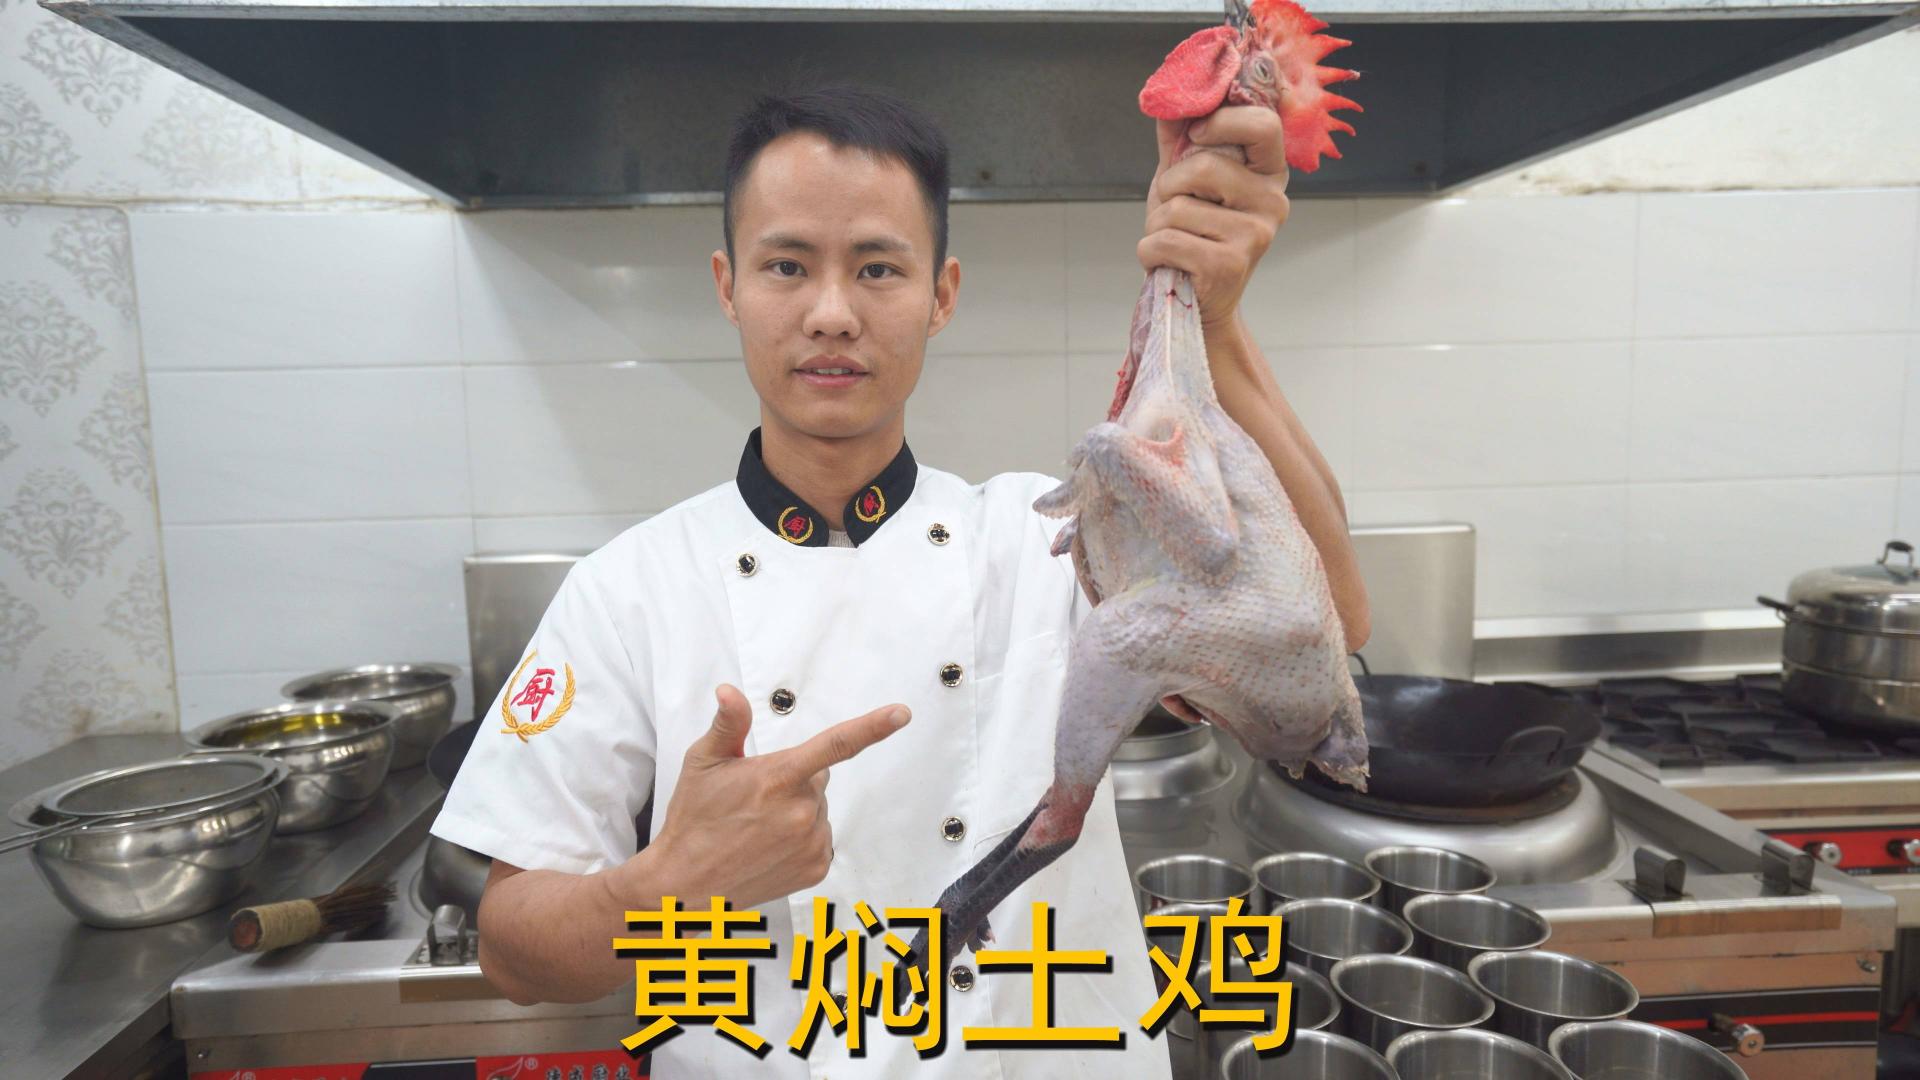 """厨师长教你:""""黄焖土鸡""""的家常做法,味道很赞先收藏了"""